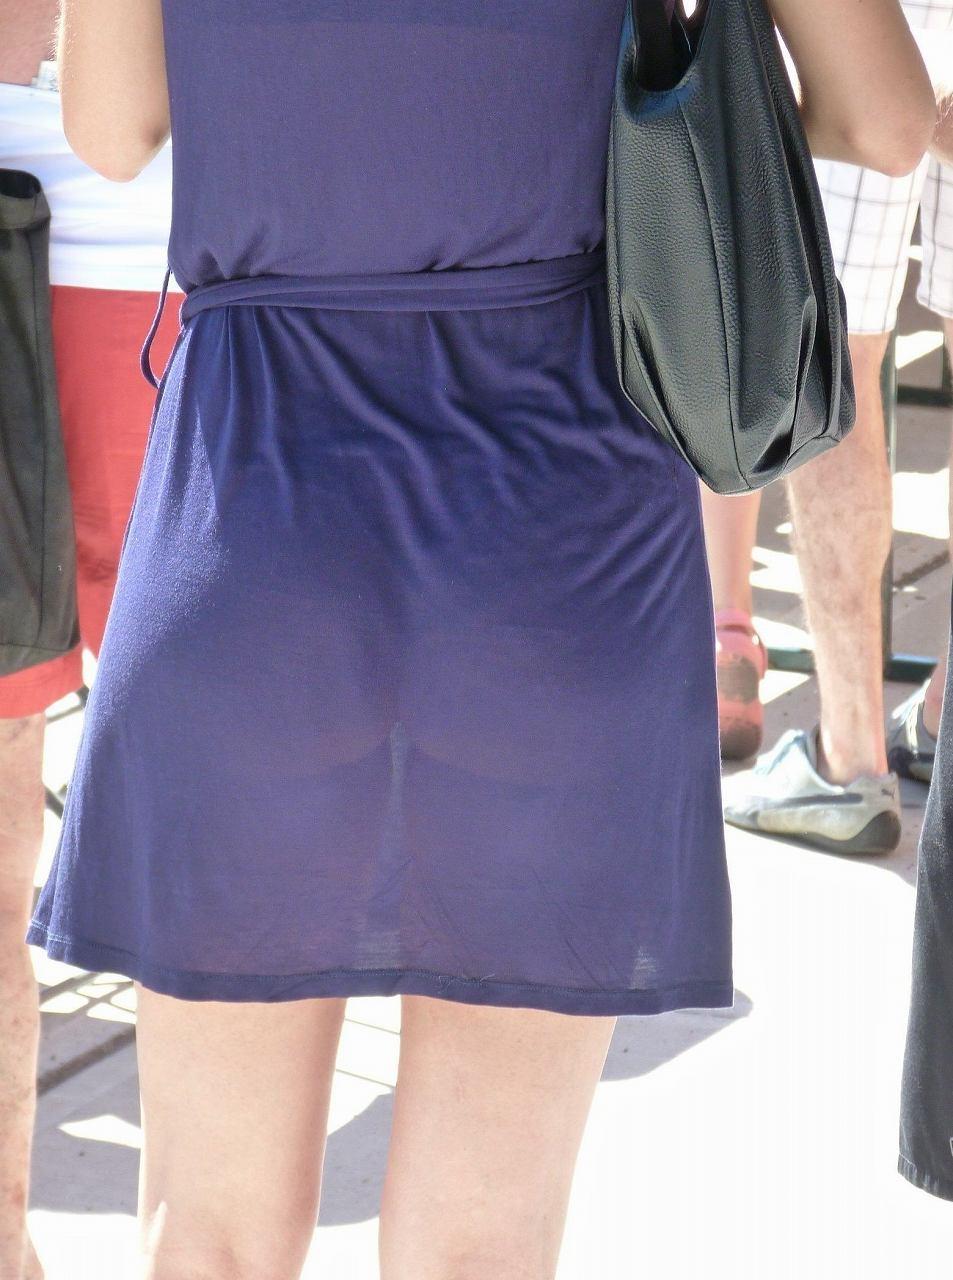 パンツ 透け過ぎ 丸分かり 透けパン エロ画像【6】